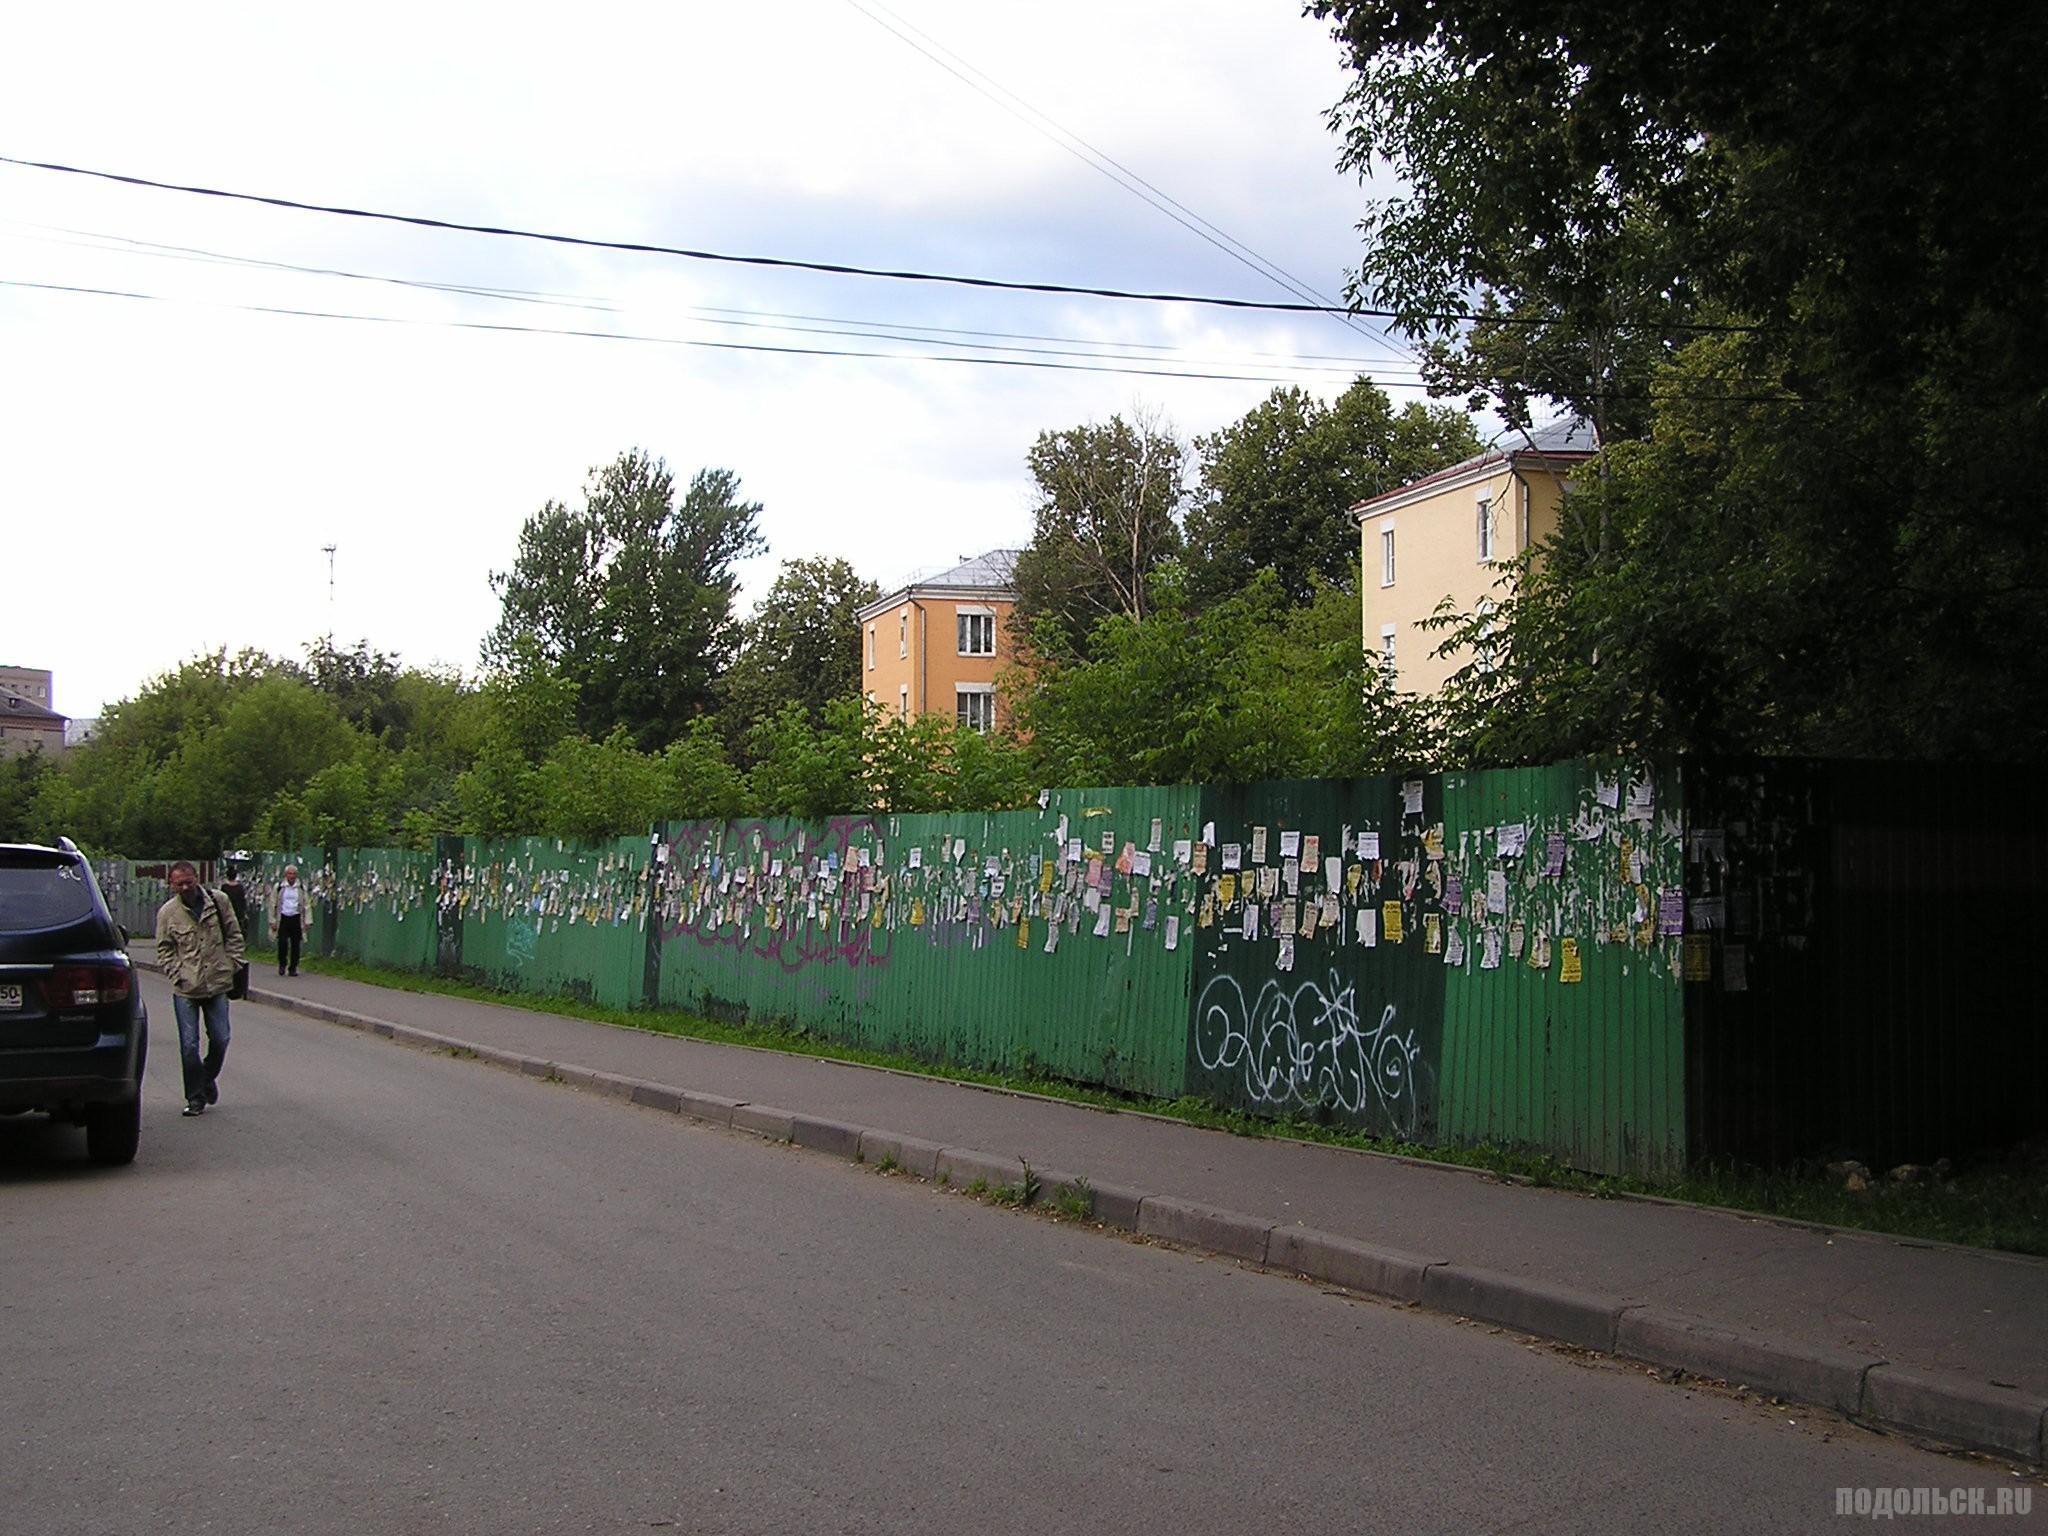 Вокзальная улица - Банный переулок Подольска. Июль 2017.